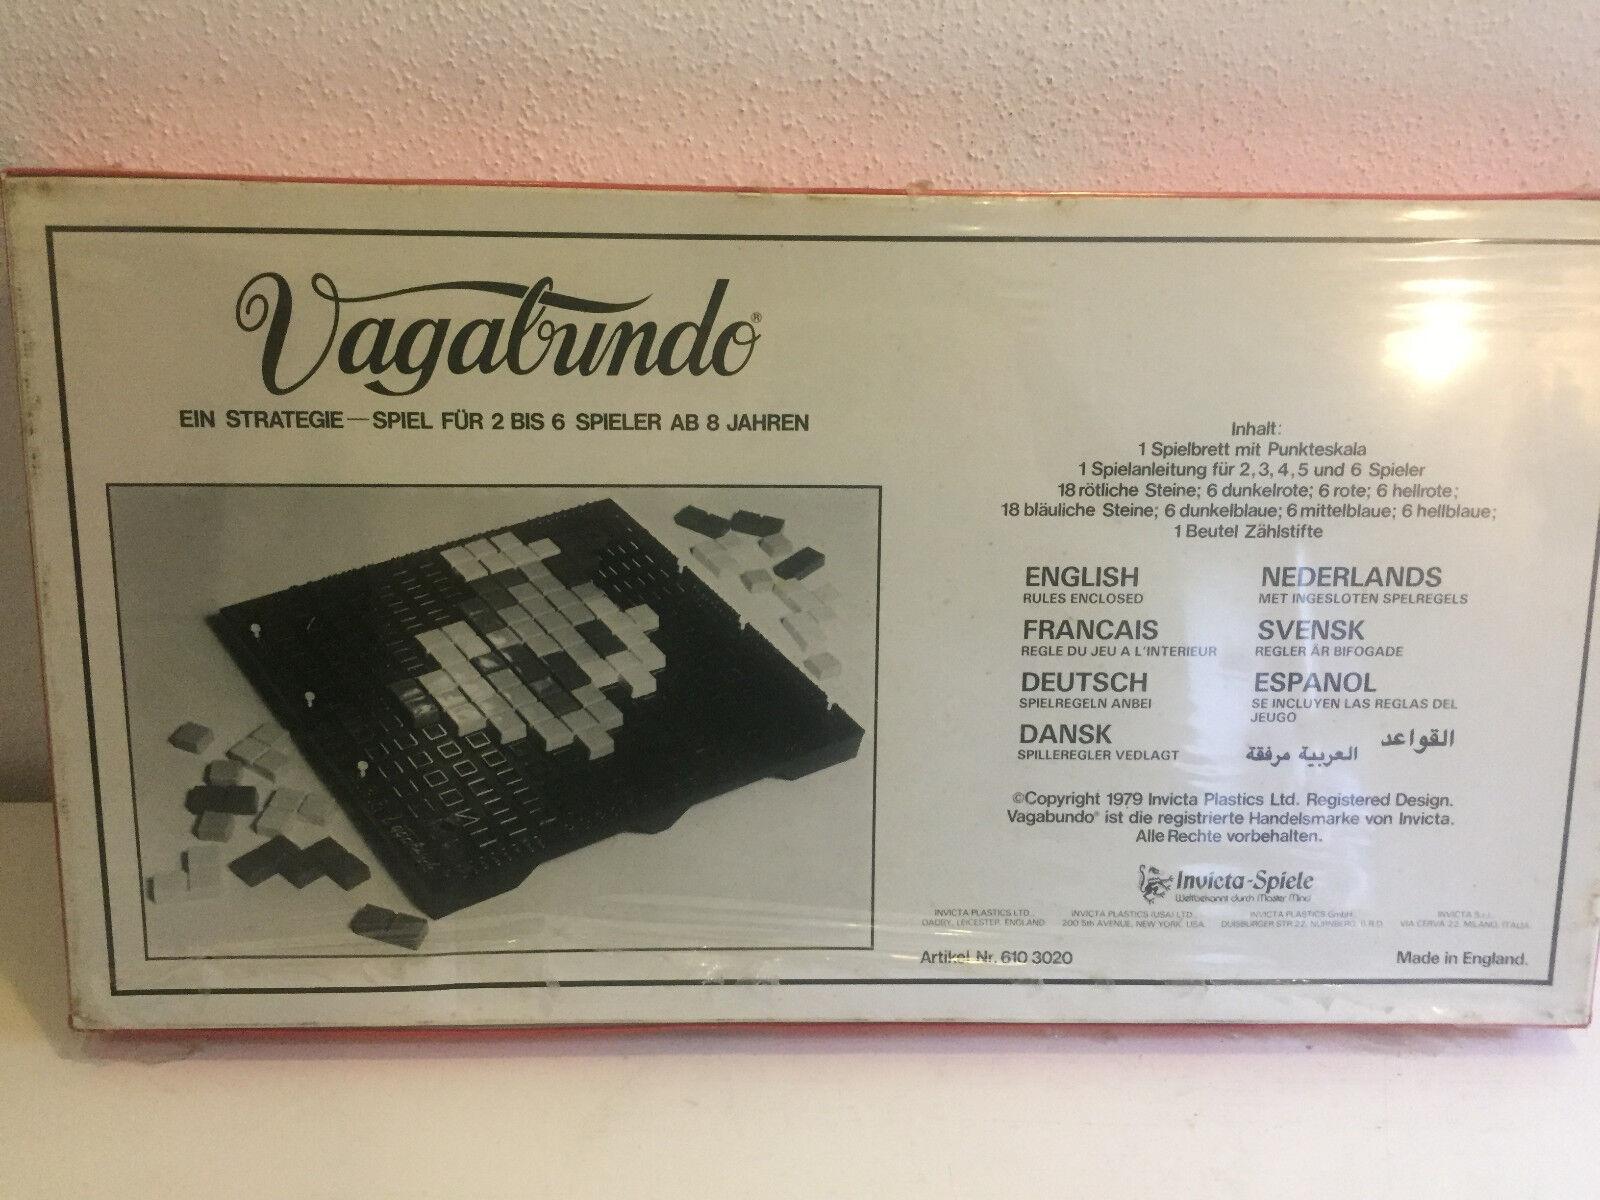 Vagabundo Jeu de stratégie de de de INVICTA RARE NEUF ET Neuf dans sa boîte! Tetris analogique PLANCHE a3c72a